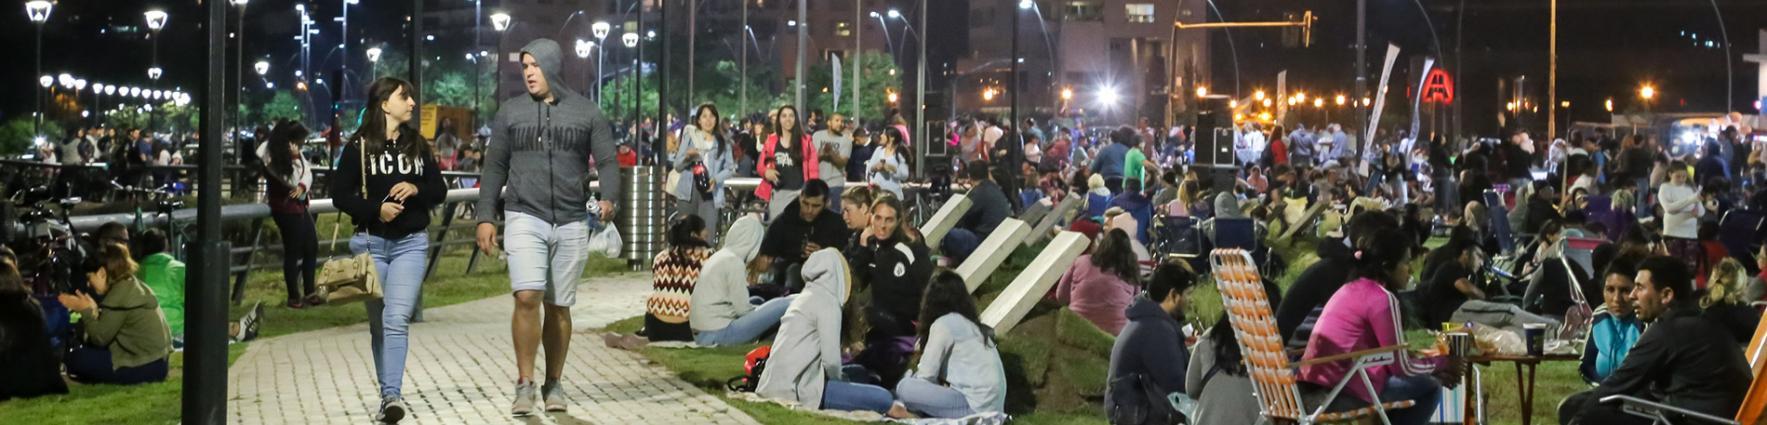 Parque de la Arenera